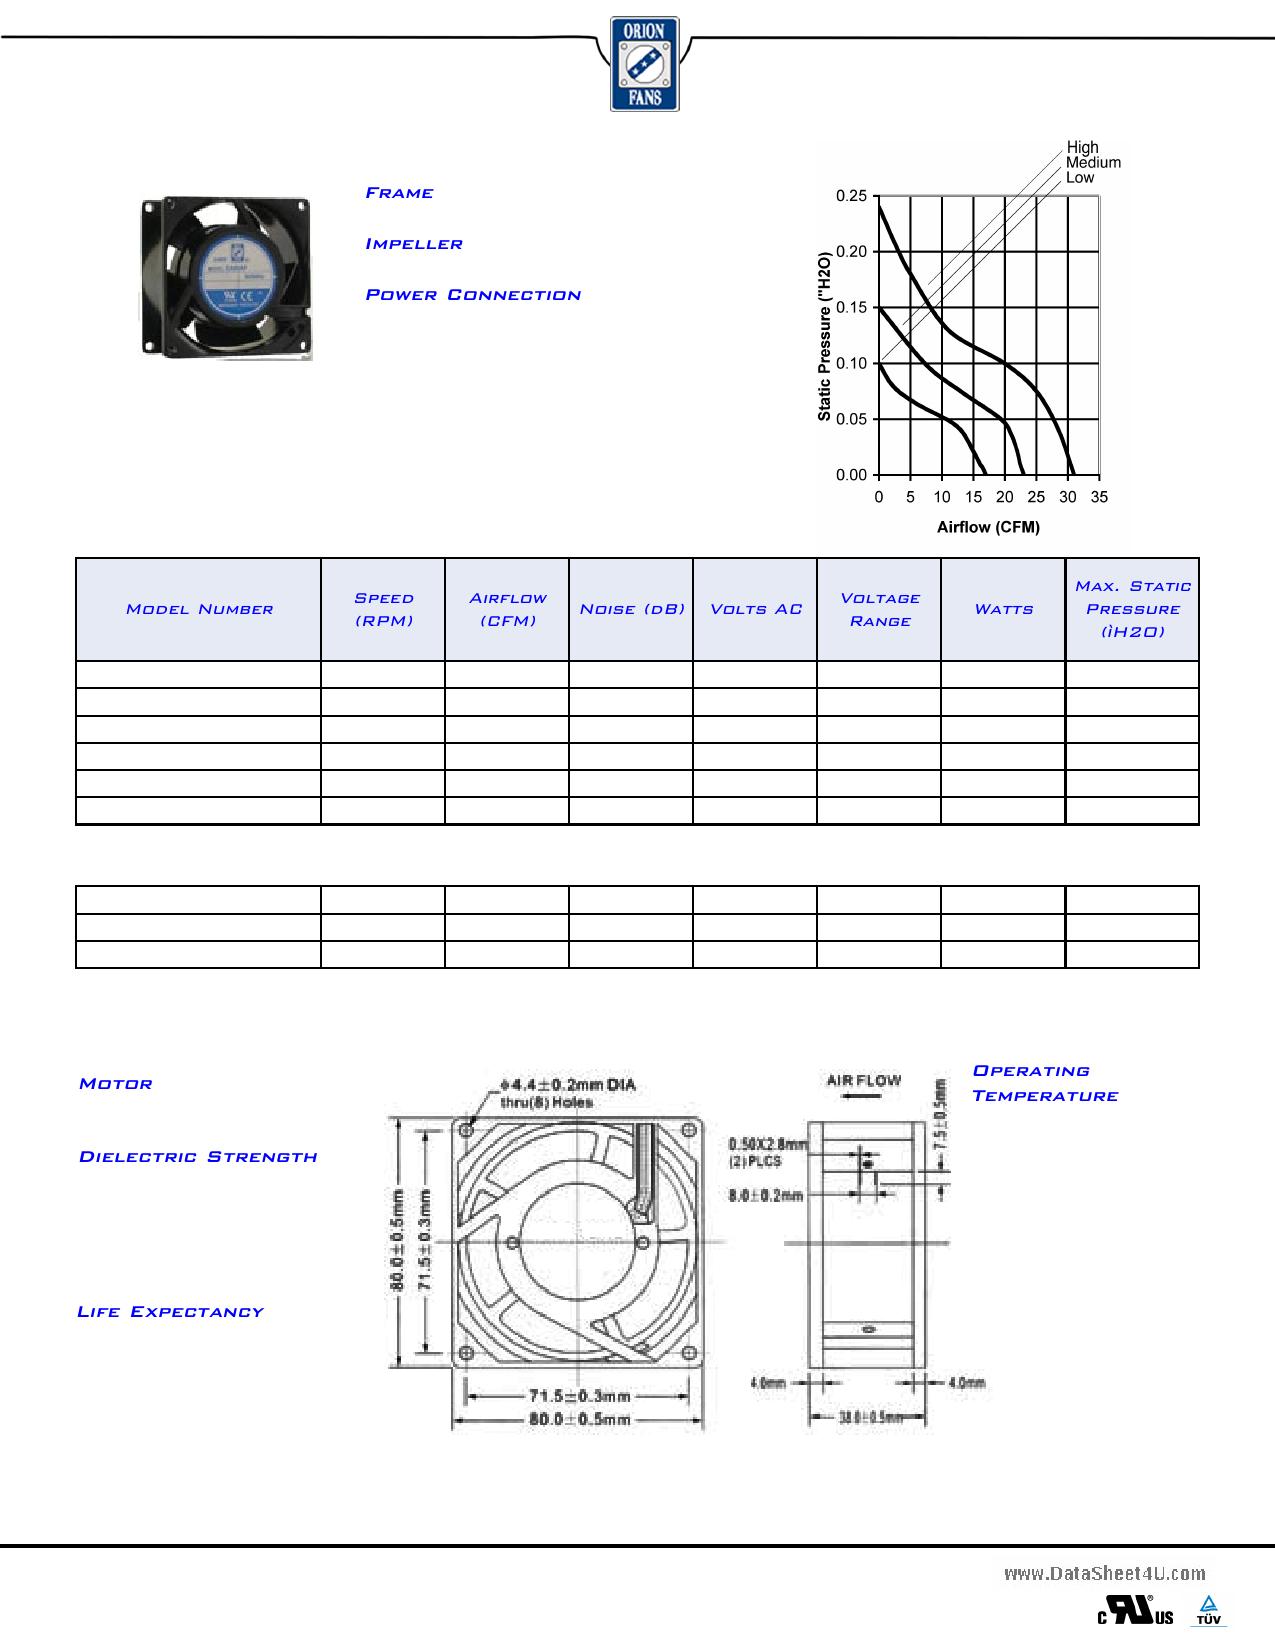 OA80 datasheet